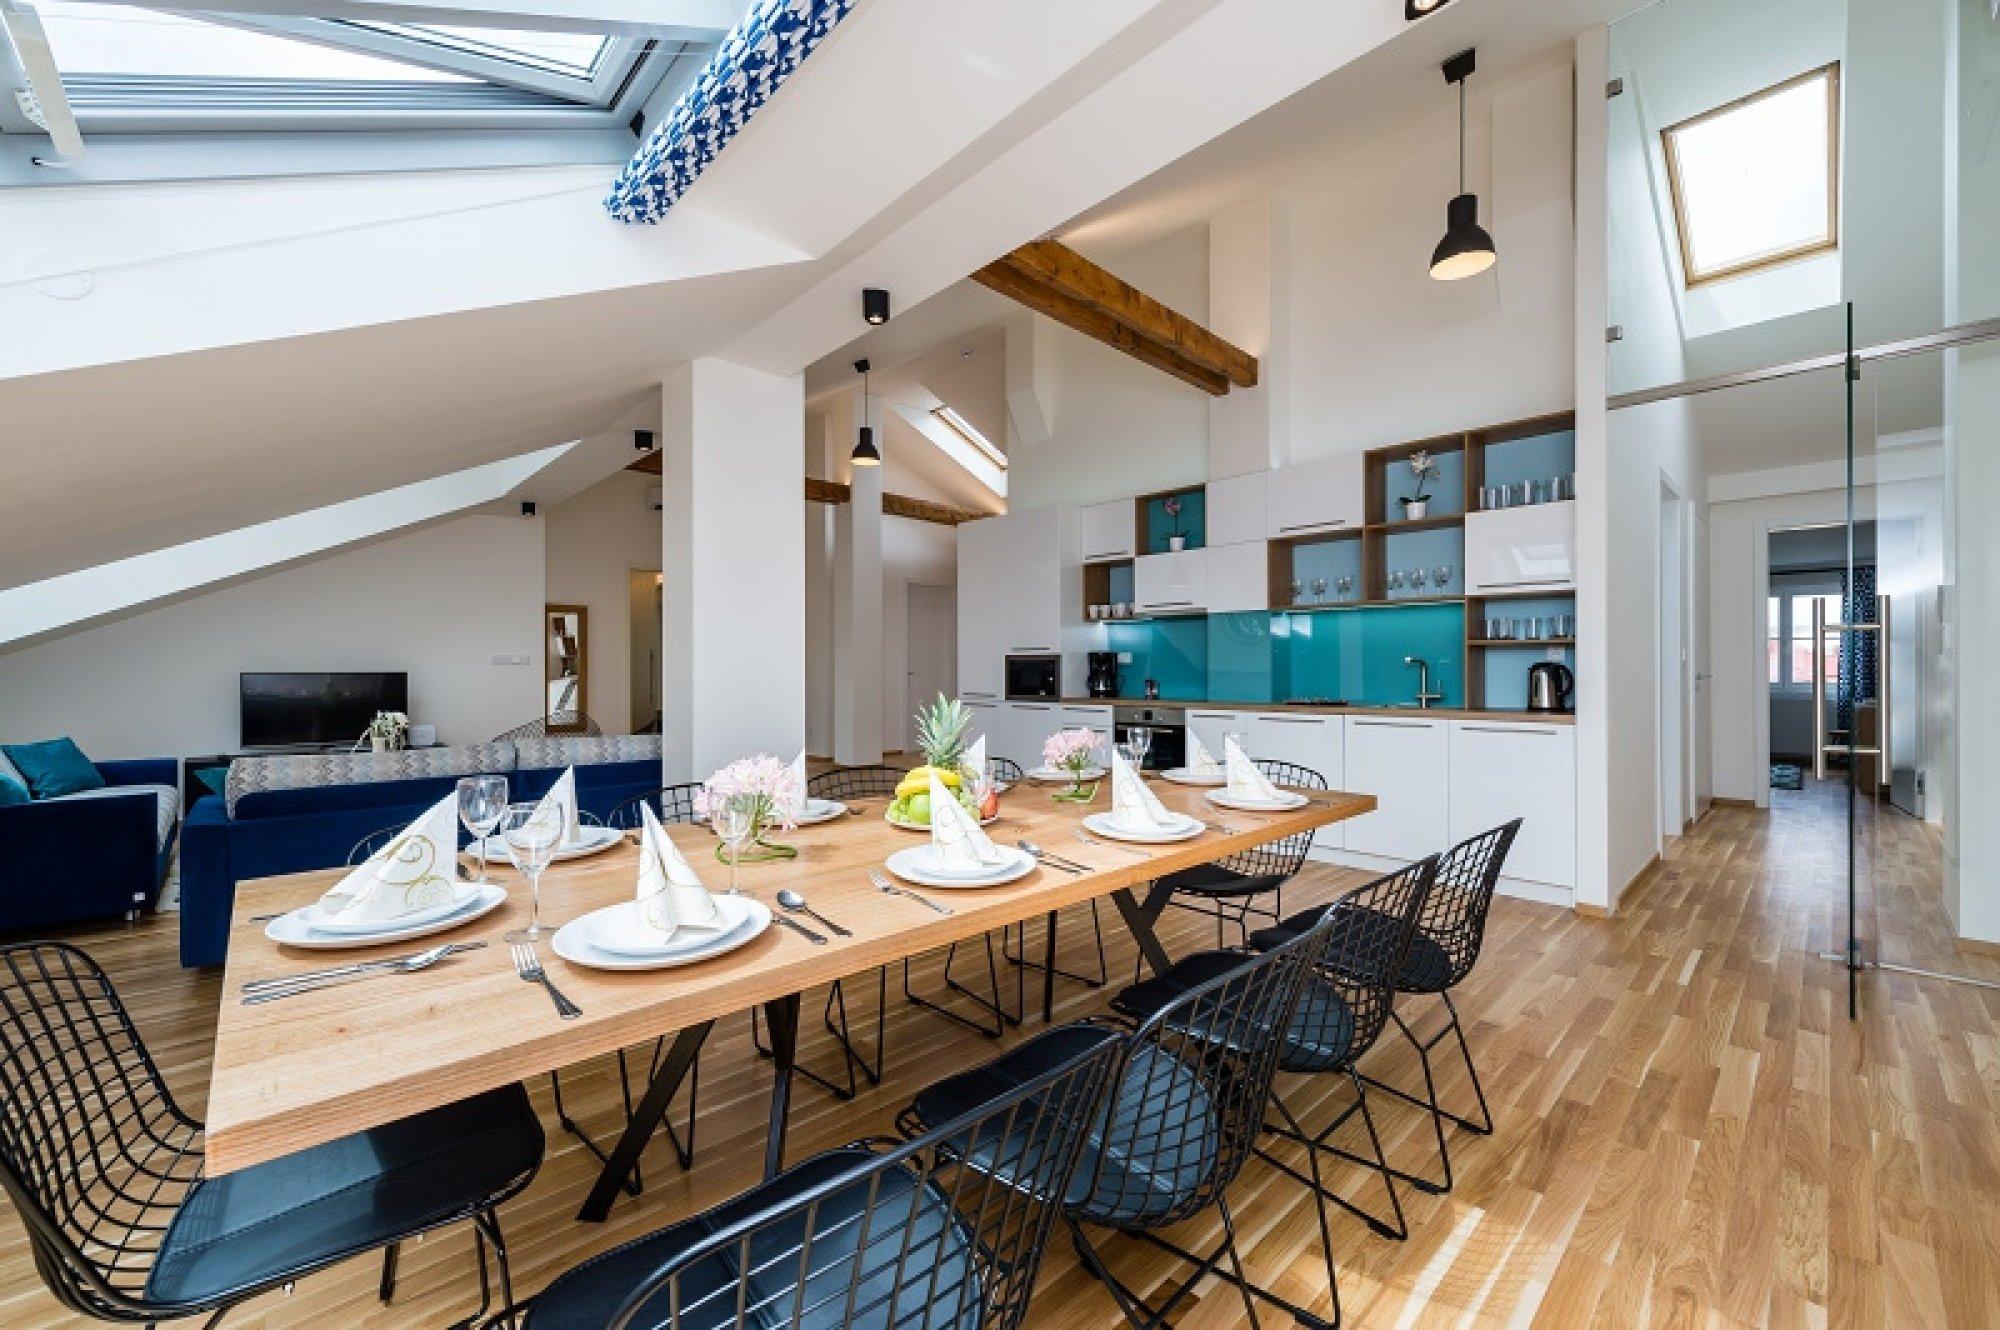 Půdní byt 6+kk, plocha 247 m², ulice U Bulhara, Praha 1 - Nové Město | 1